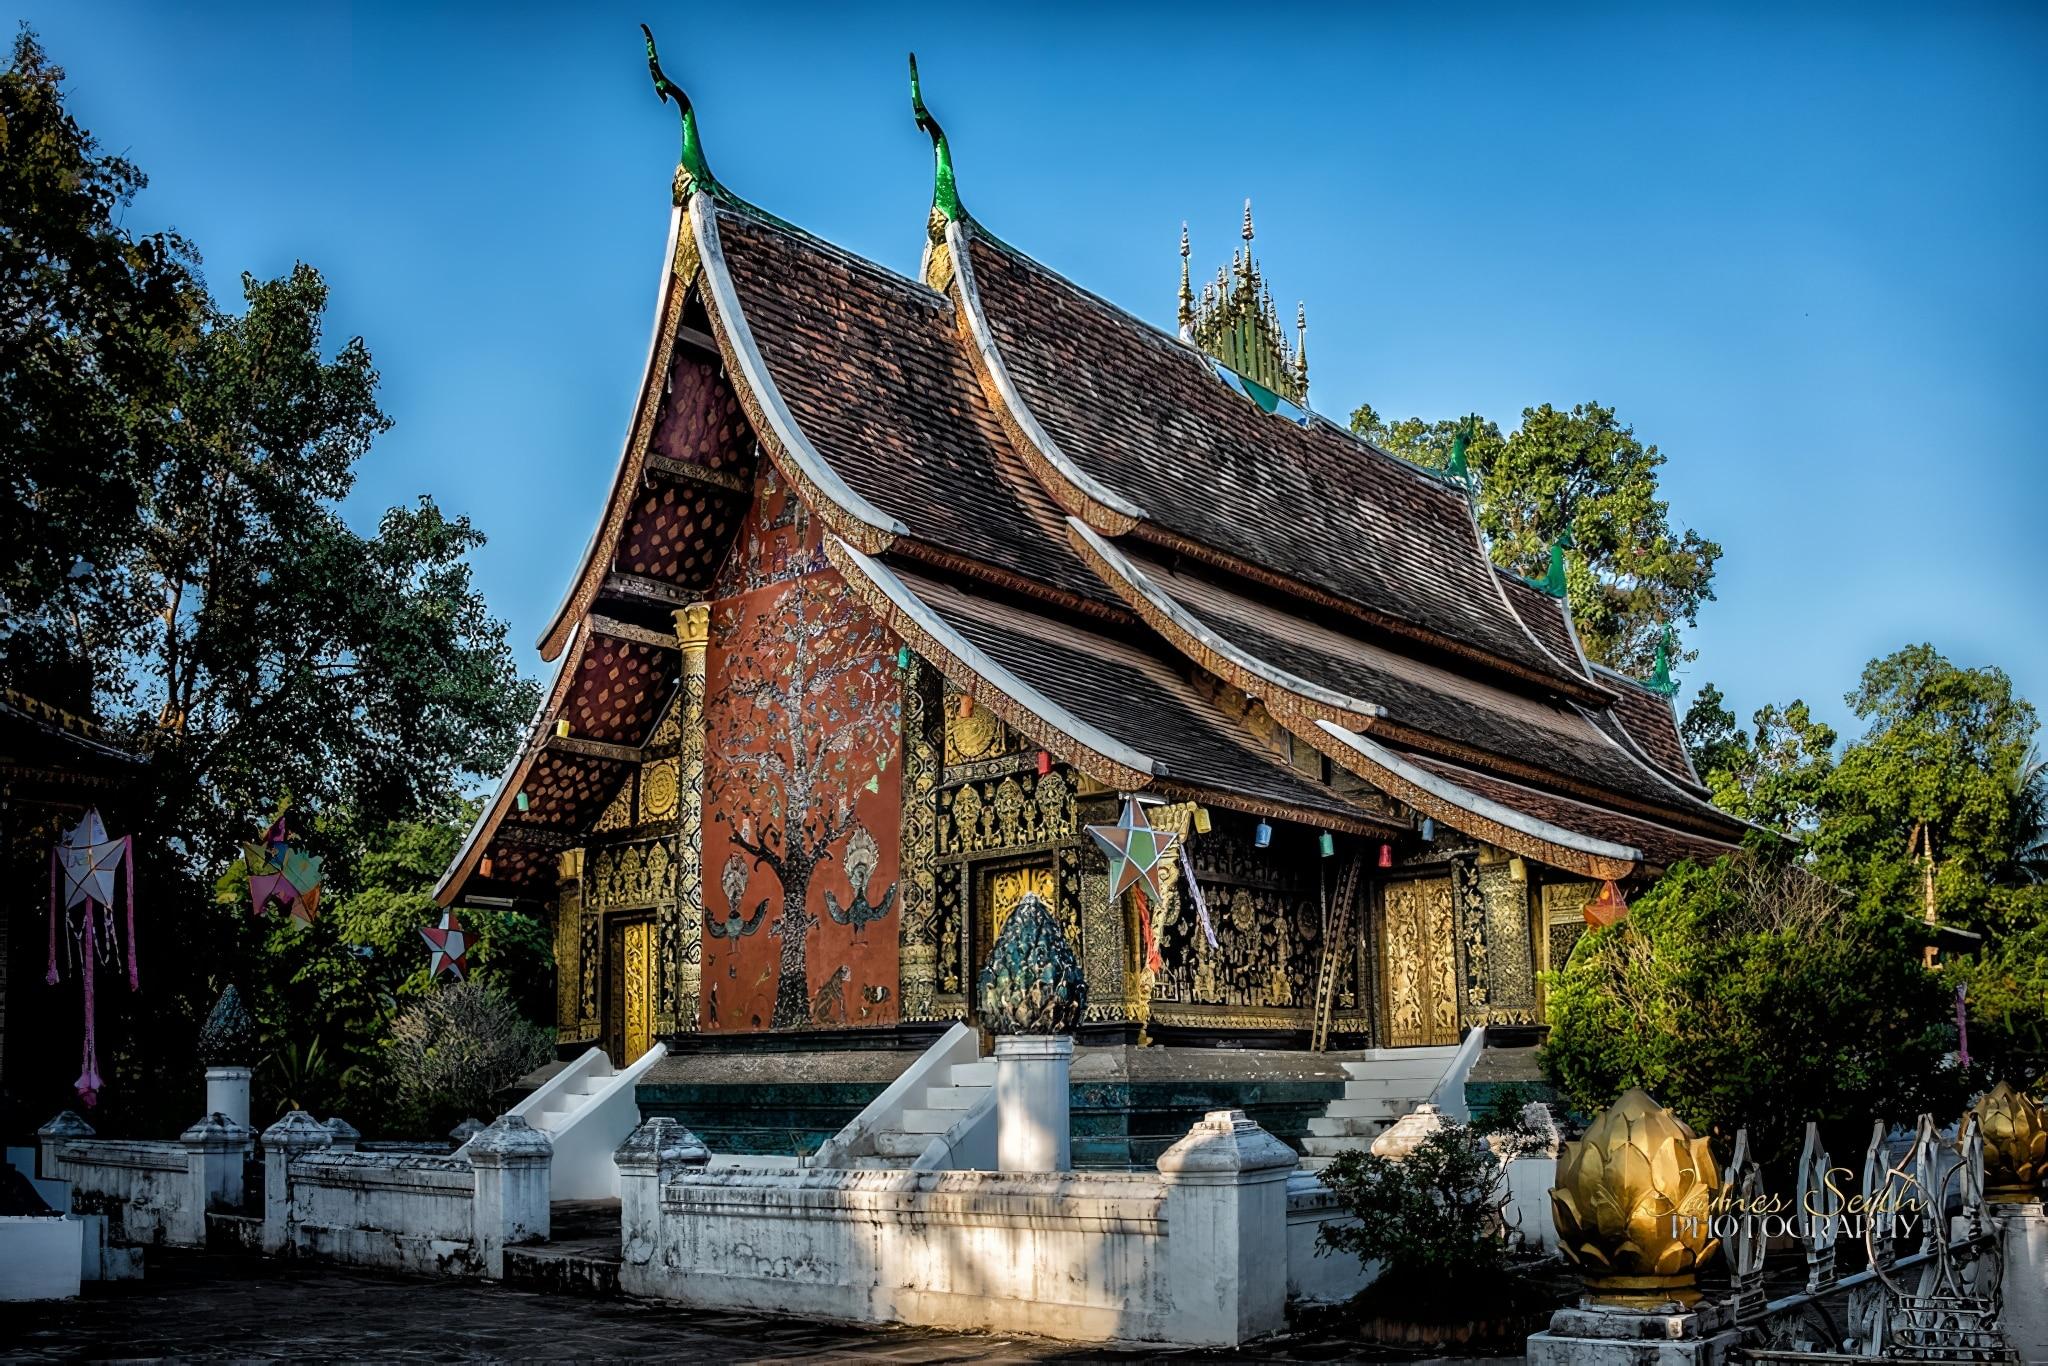 Les 9 choses incontournables à faire à Luang Prabang